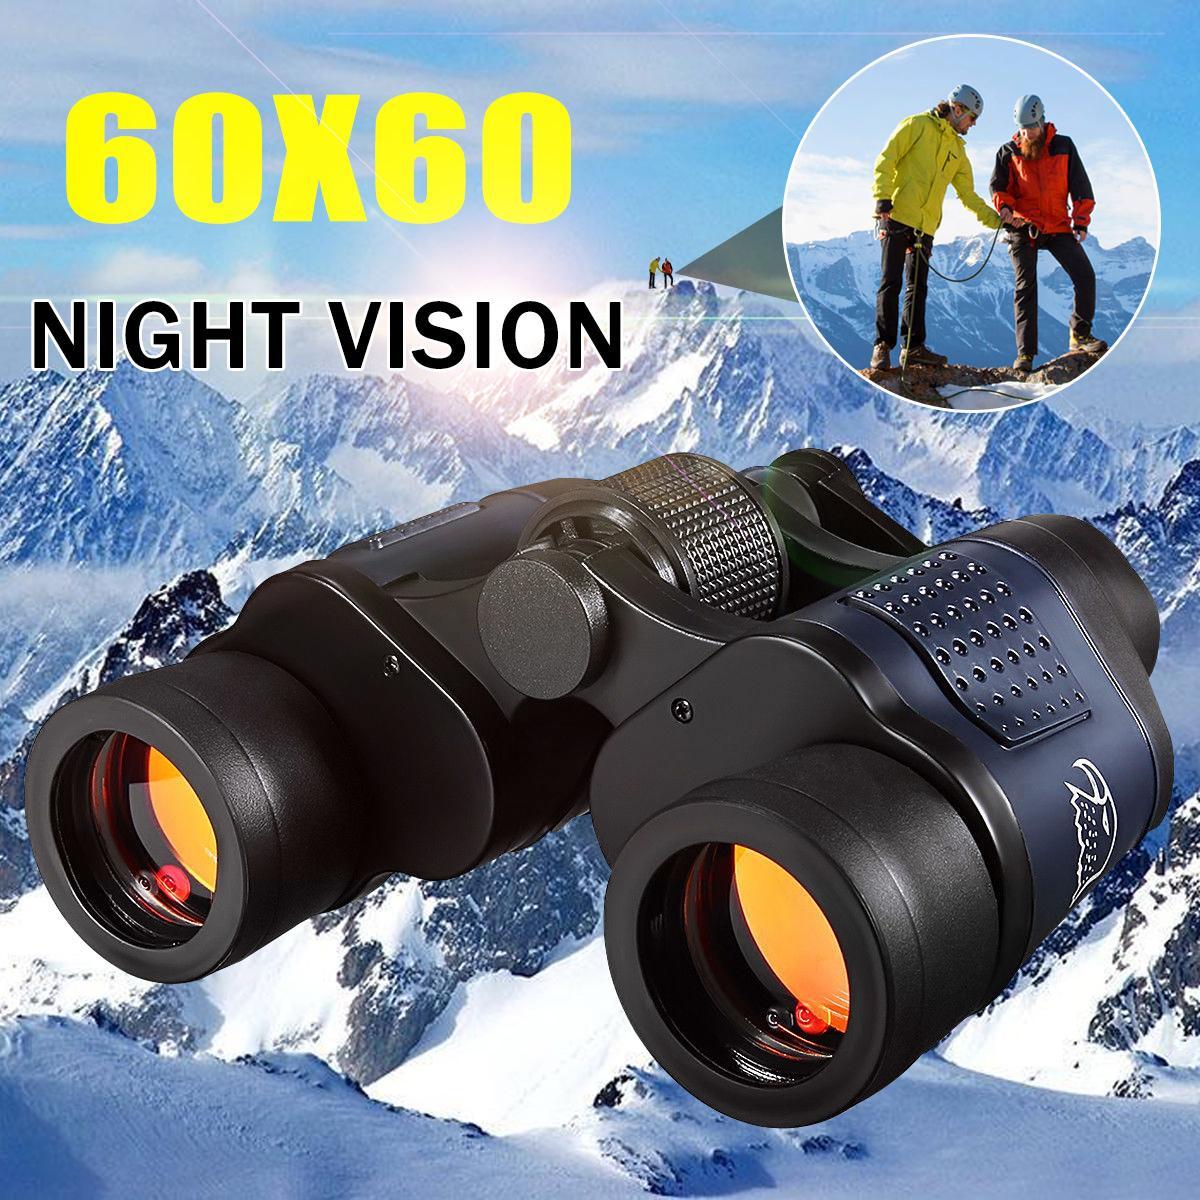 للرؤية الليلية 60x60 3000 متر عالية الوضوح في الهواء الطلق الصيد مناظير تلسكوب hd للماء للصيد في الهواء الطلق C18122601